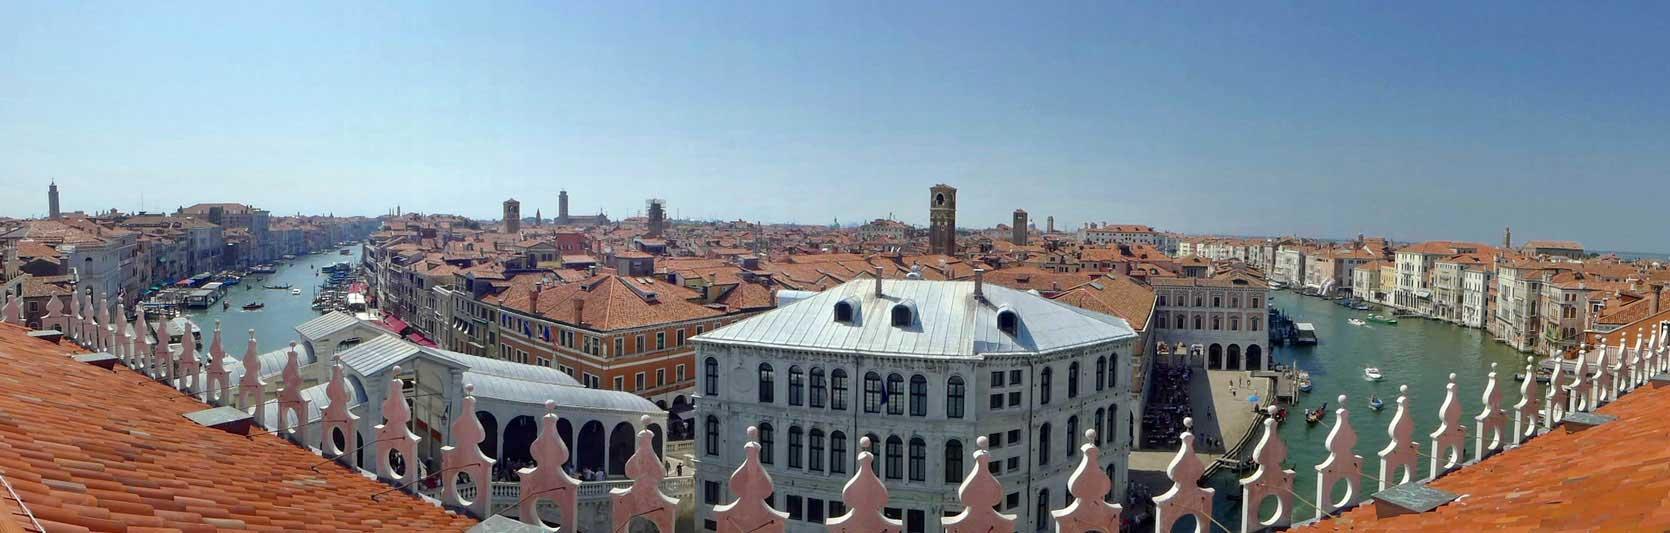 Venedig von der Dachterrasse des Luxuskaufhauses Fondaco dei Tedeschi